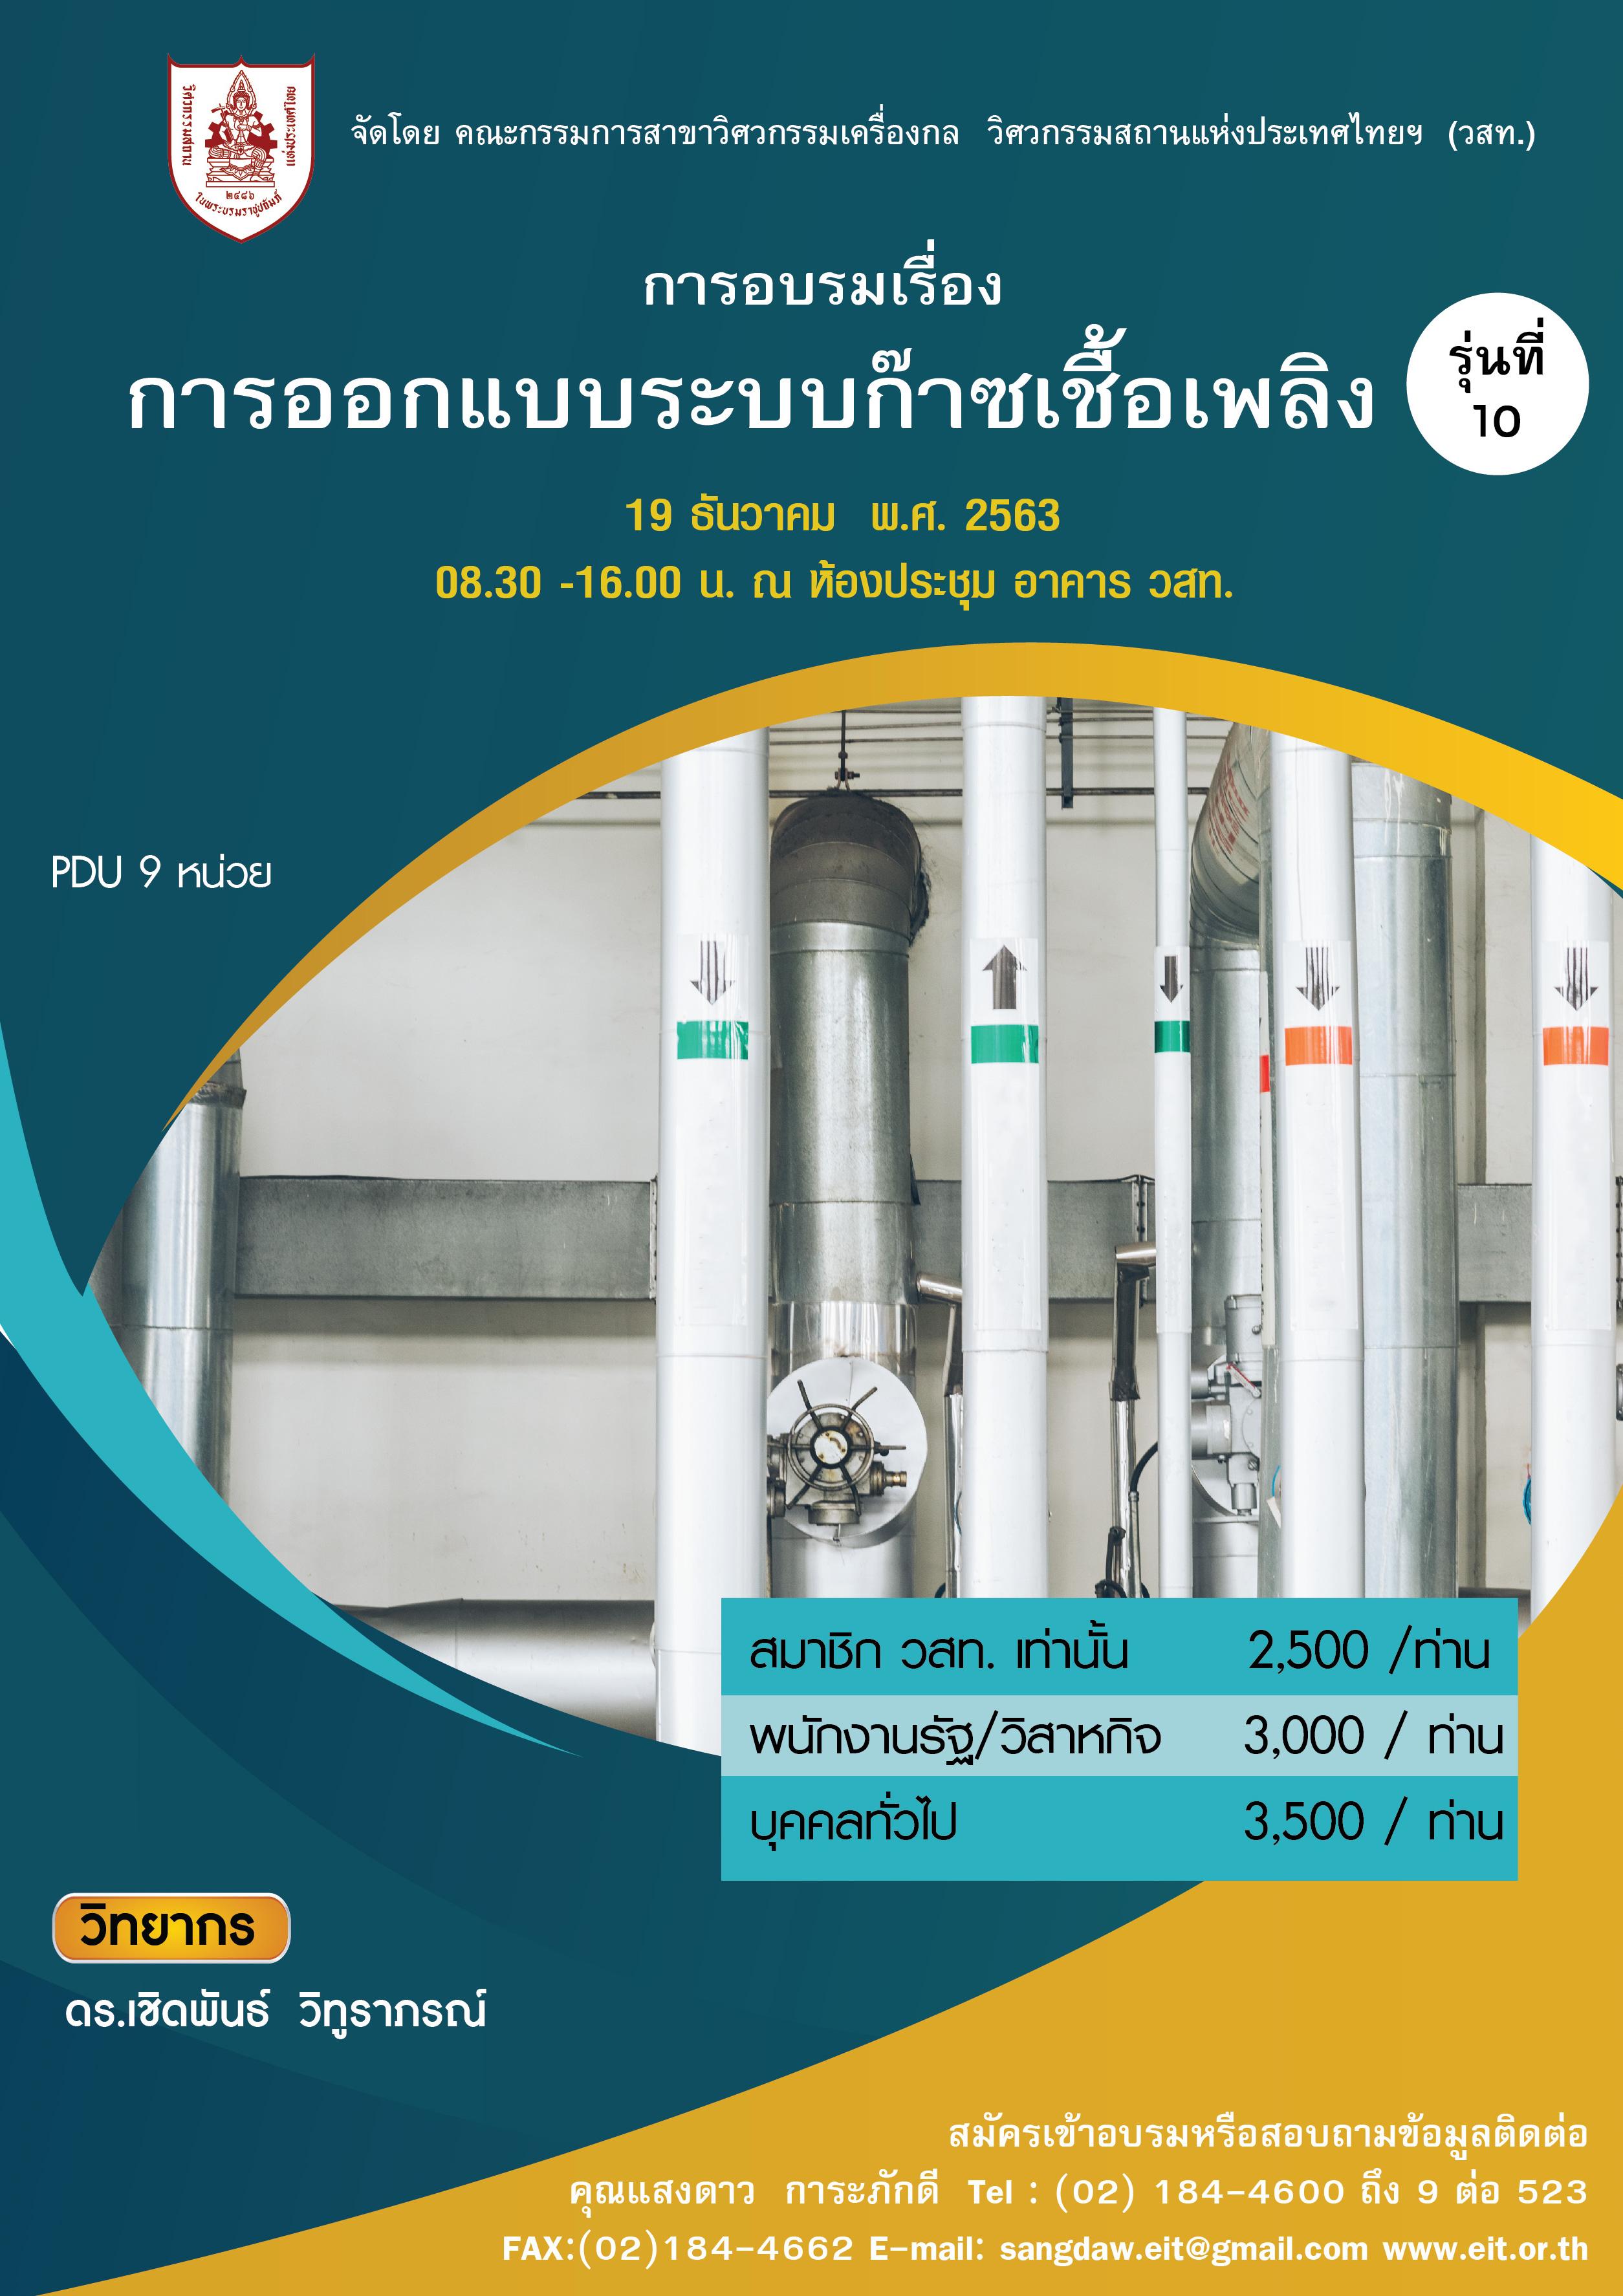 19/12/2563การออกแบบระบบก๊าซเชื้อเพลิง   รุ่นที่ 10 (เลื่อนมาจากวันที่ 3 ตุลาคม 2563)